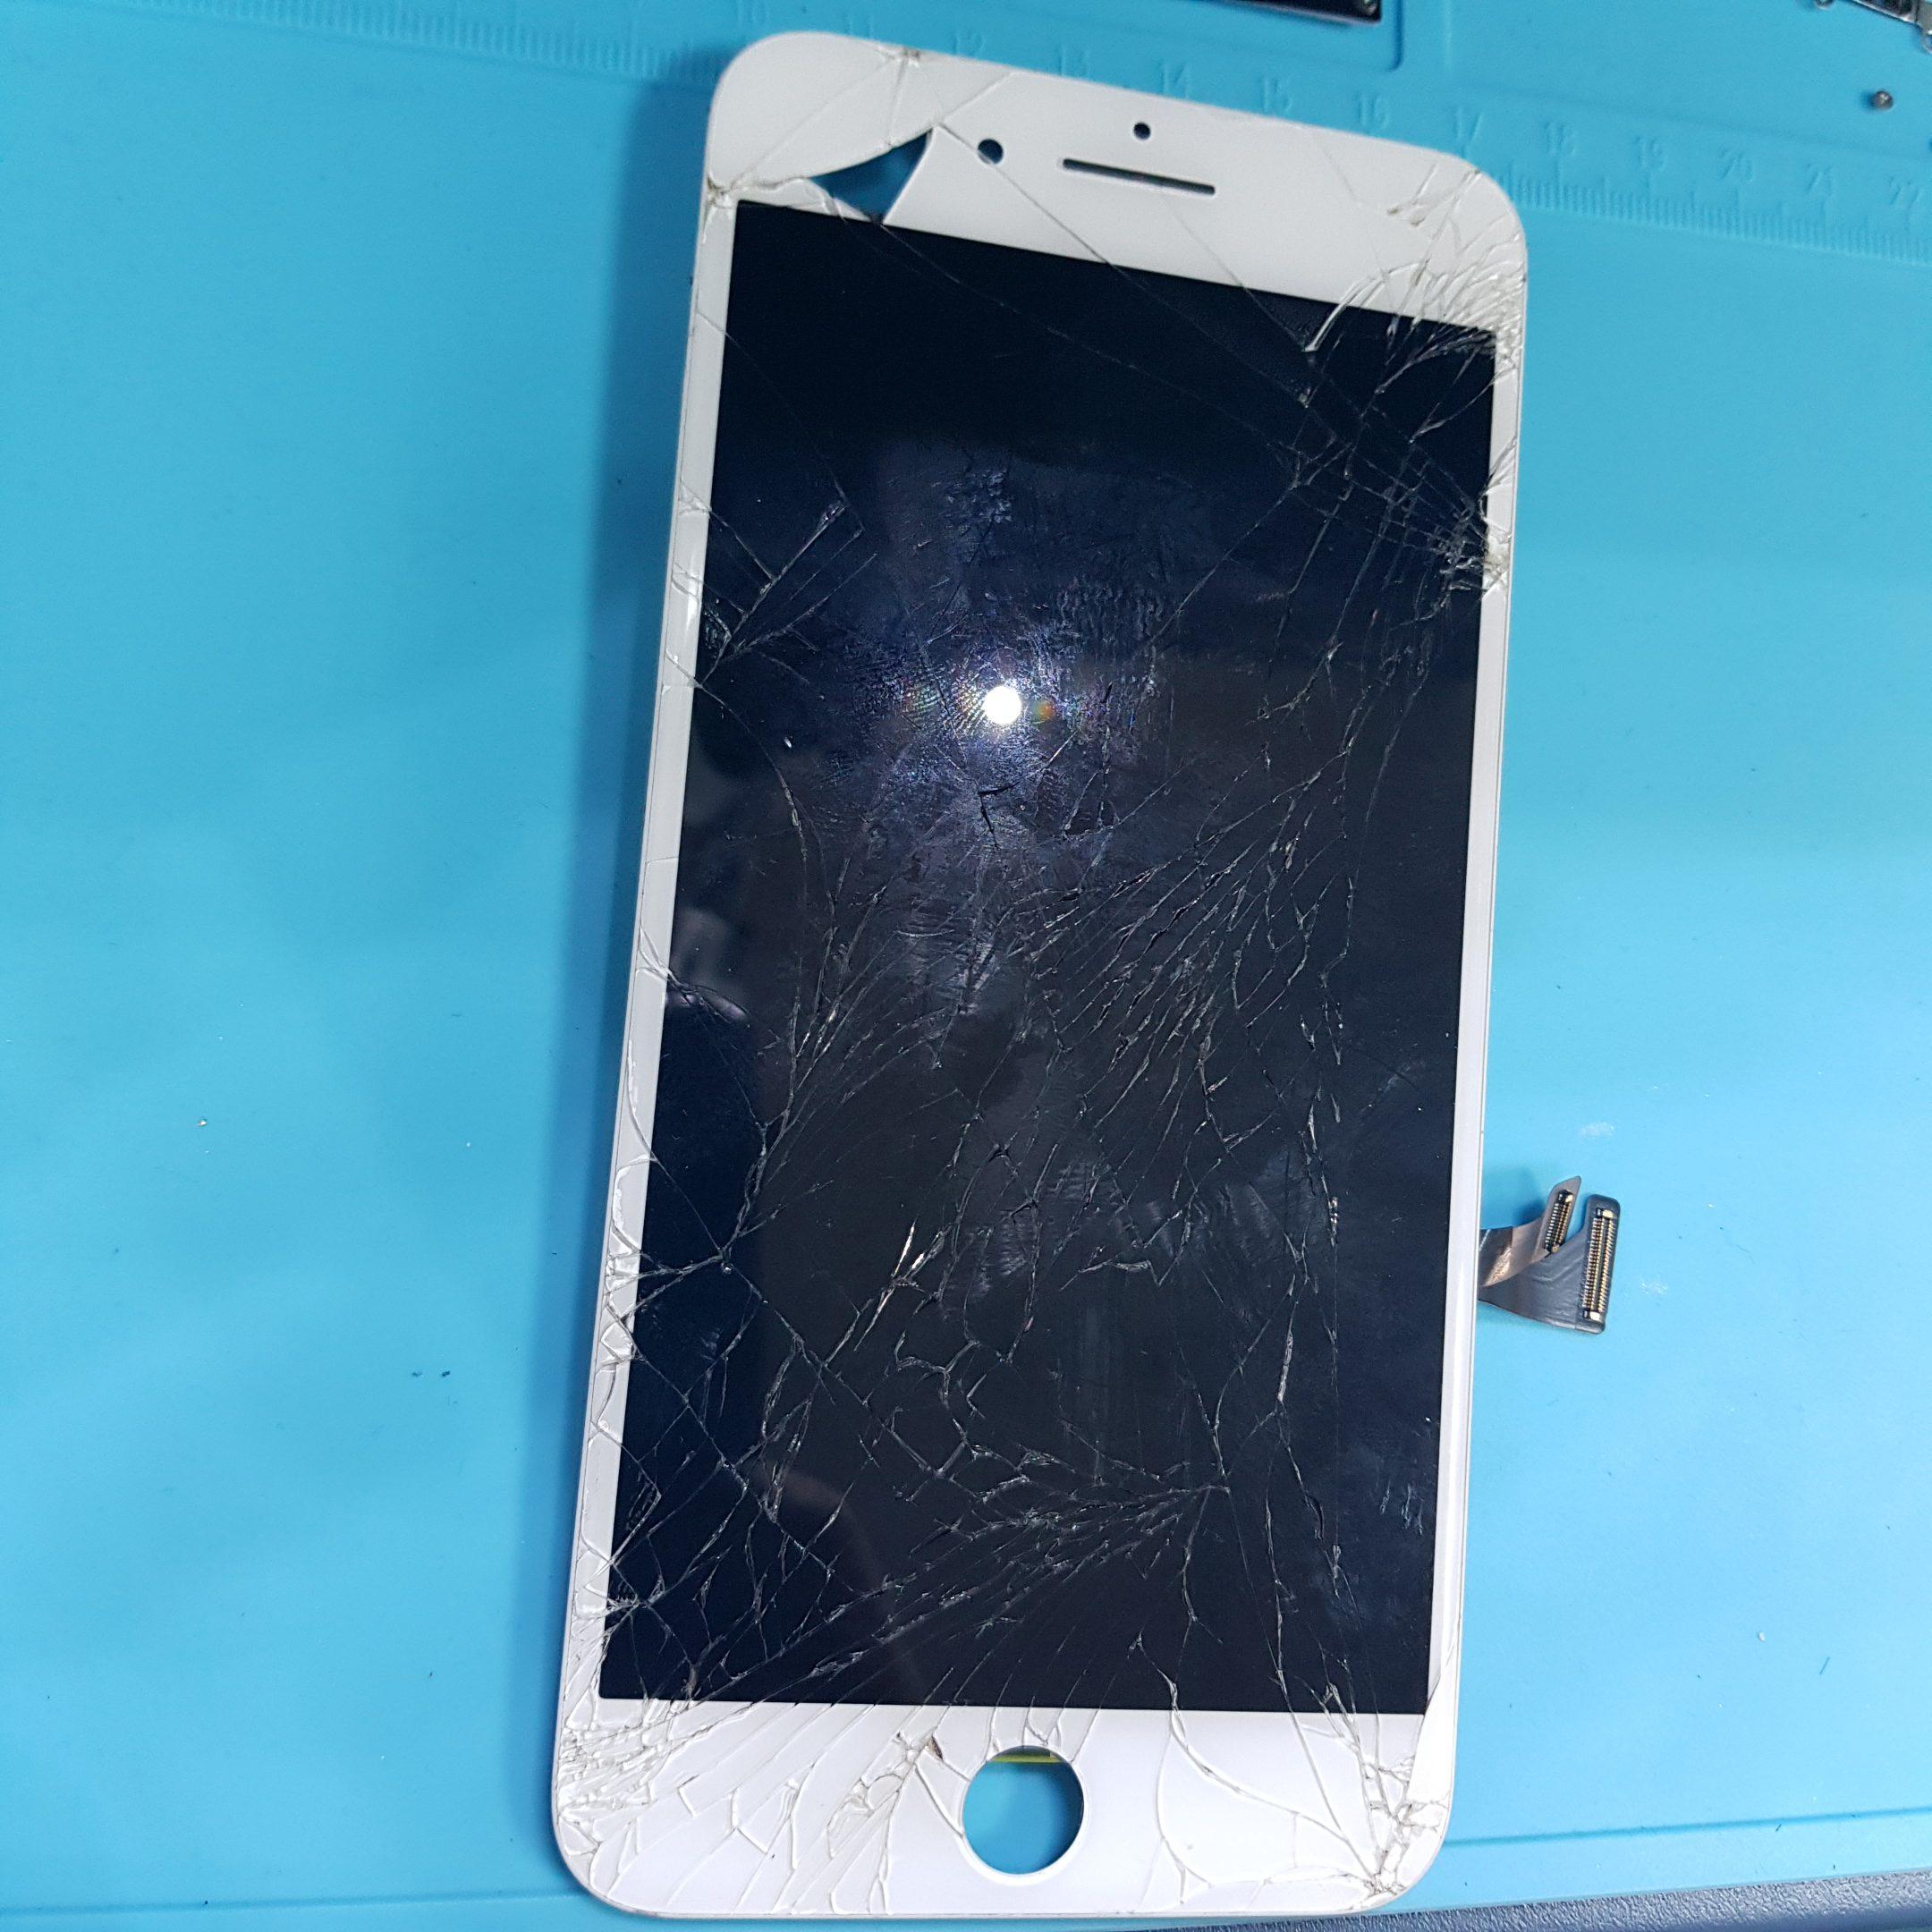 inlocuire geam la ecranul de iphone 7 plus